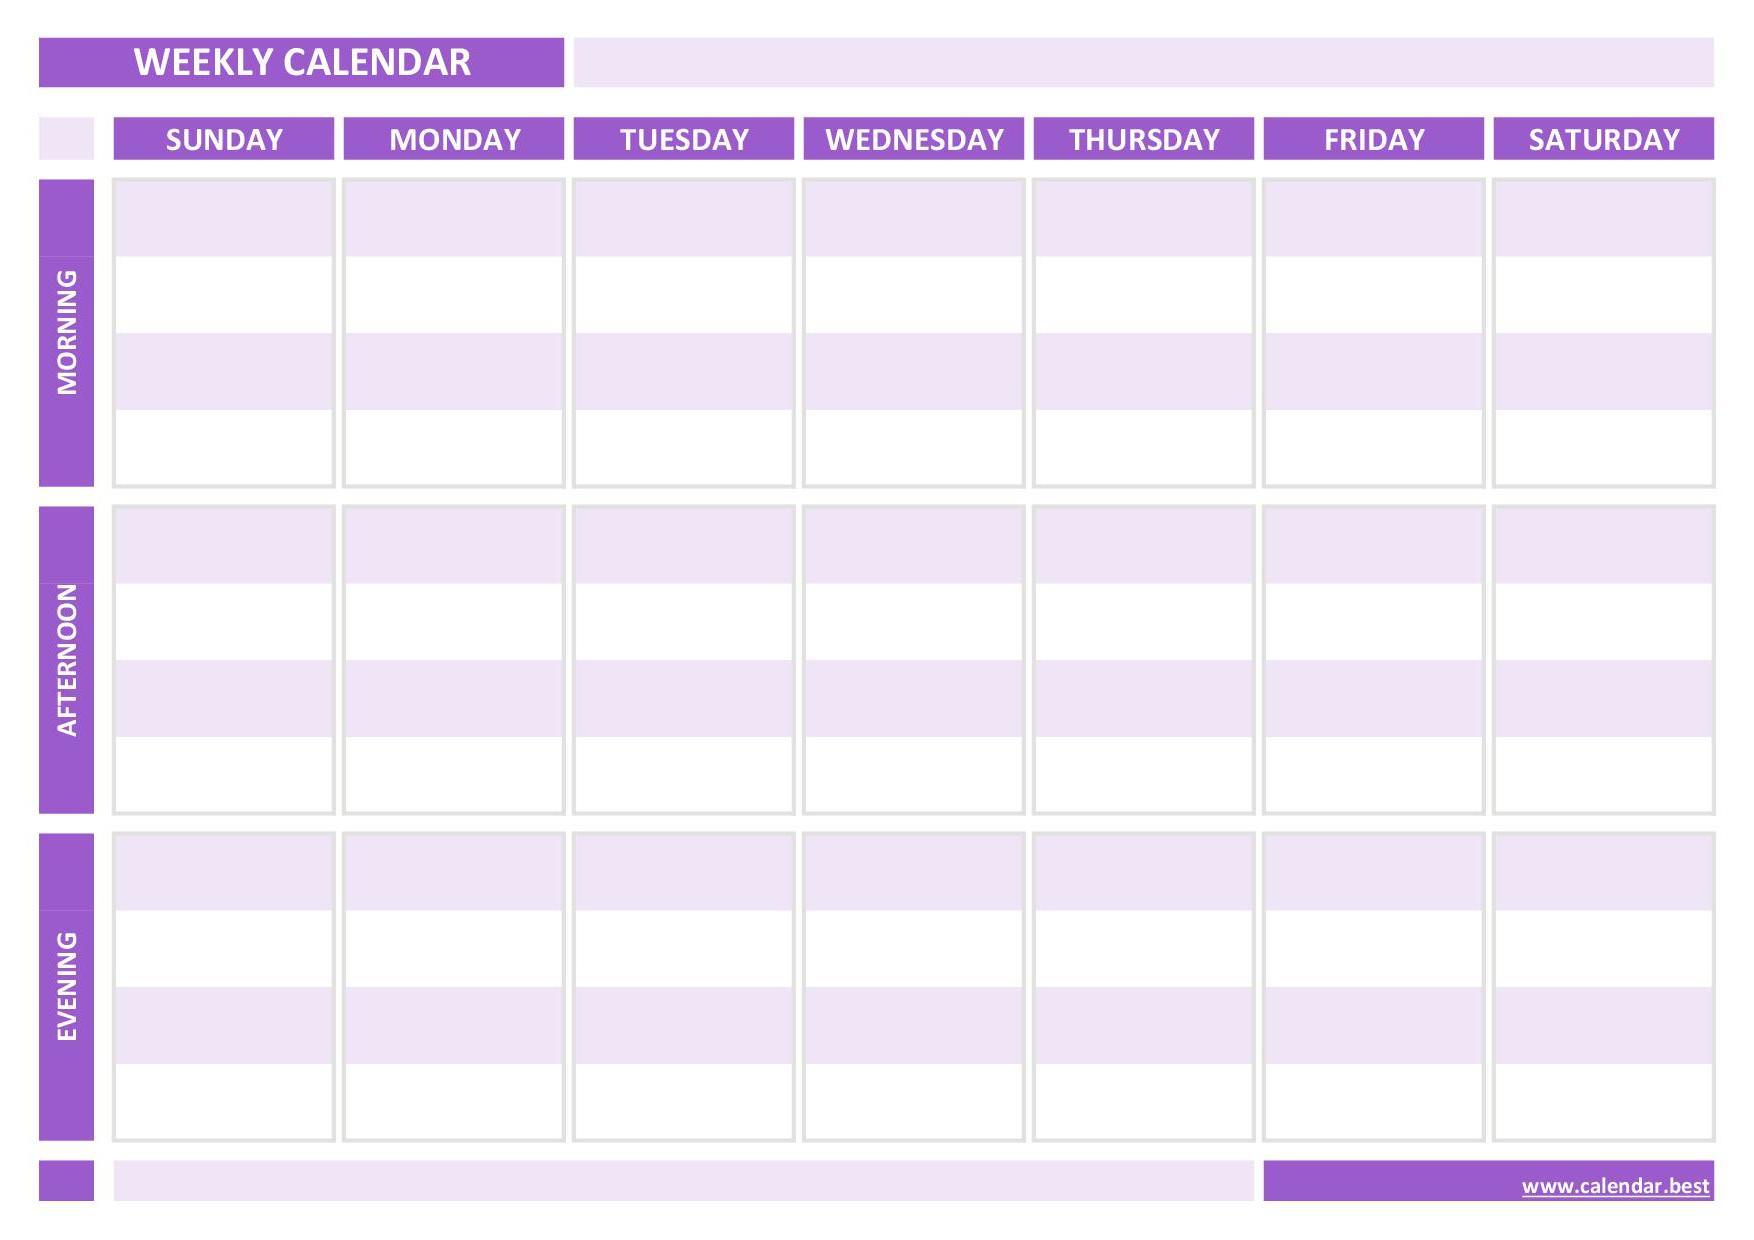 Weekly Calendar Weekly Schedule Calendar Best 1